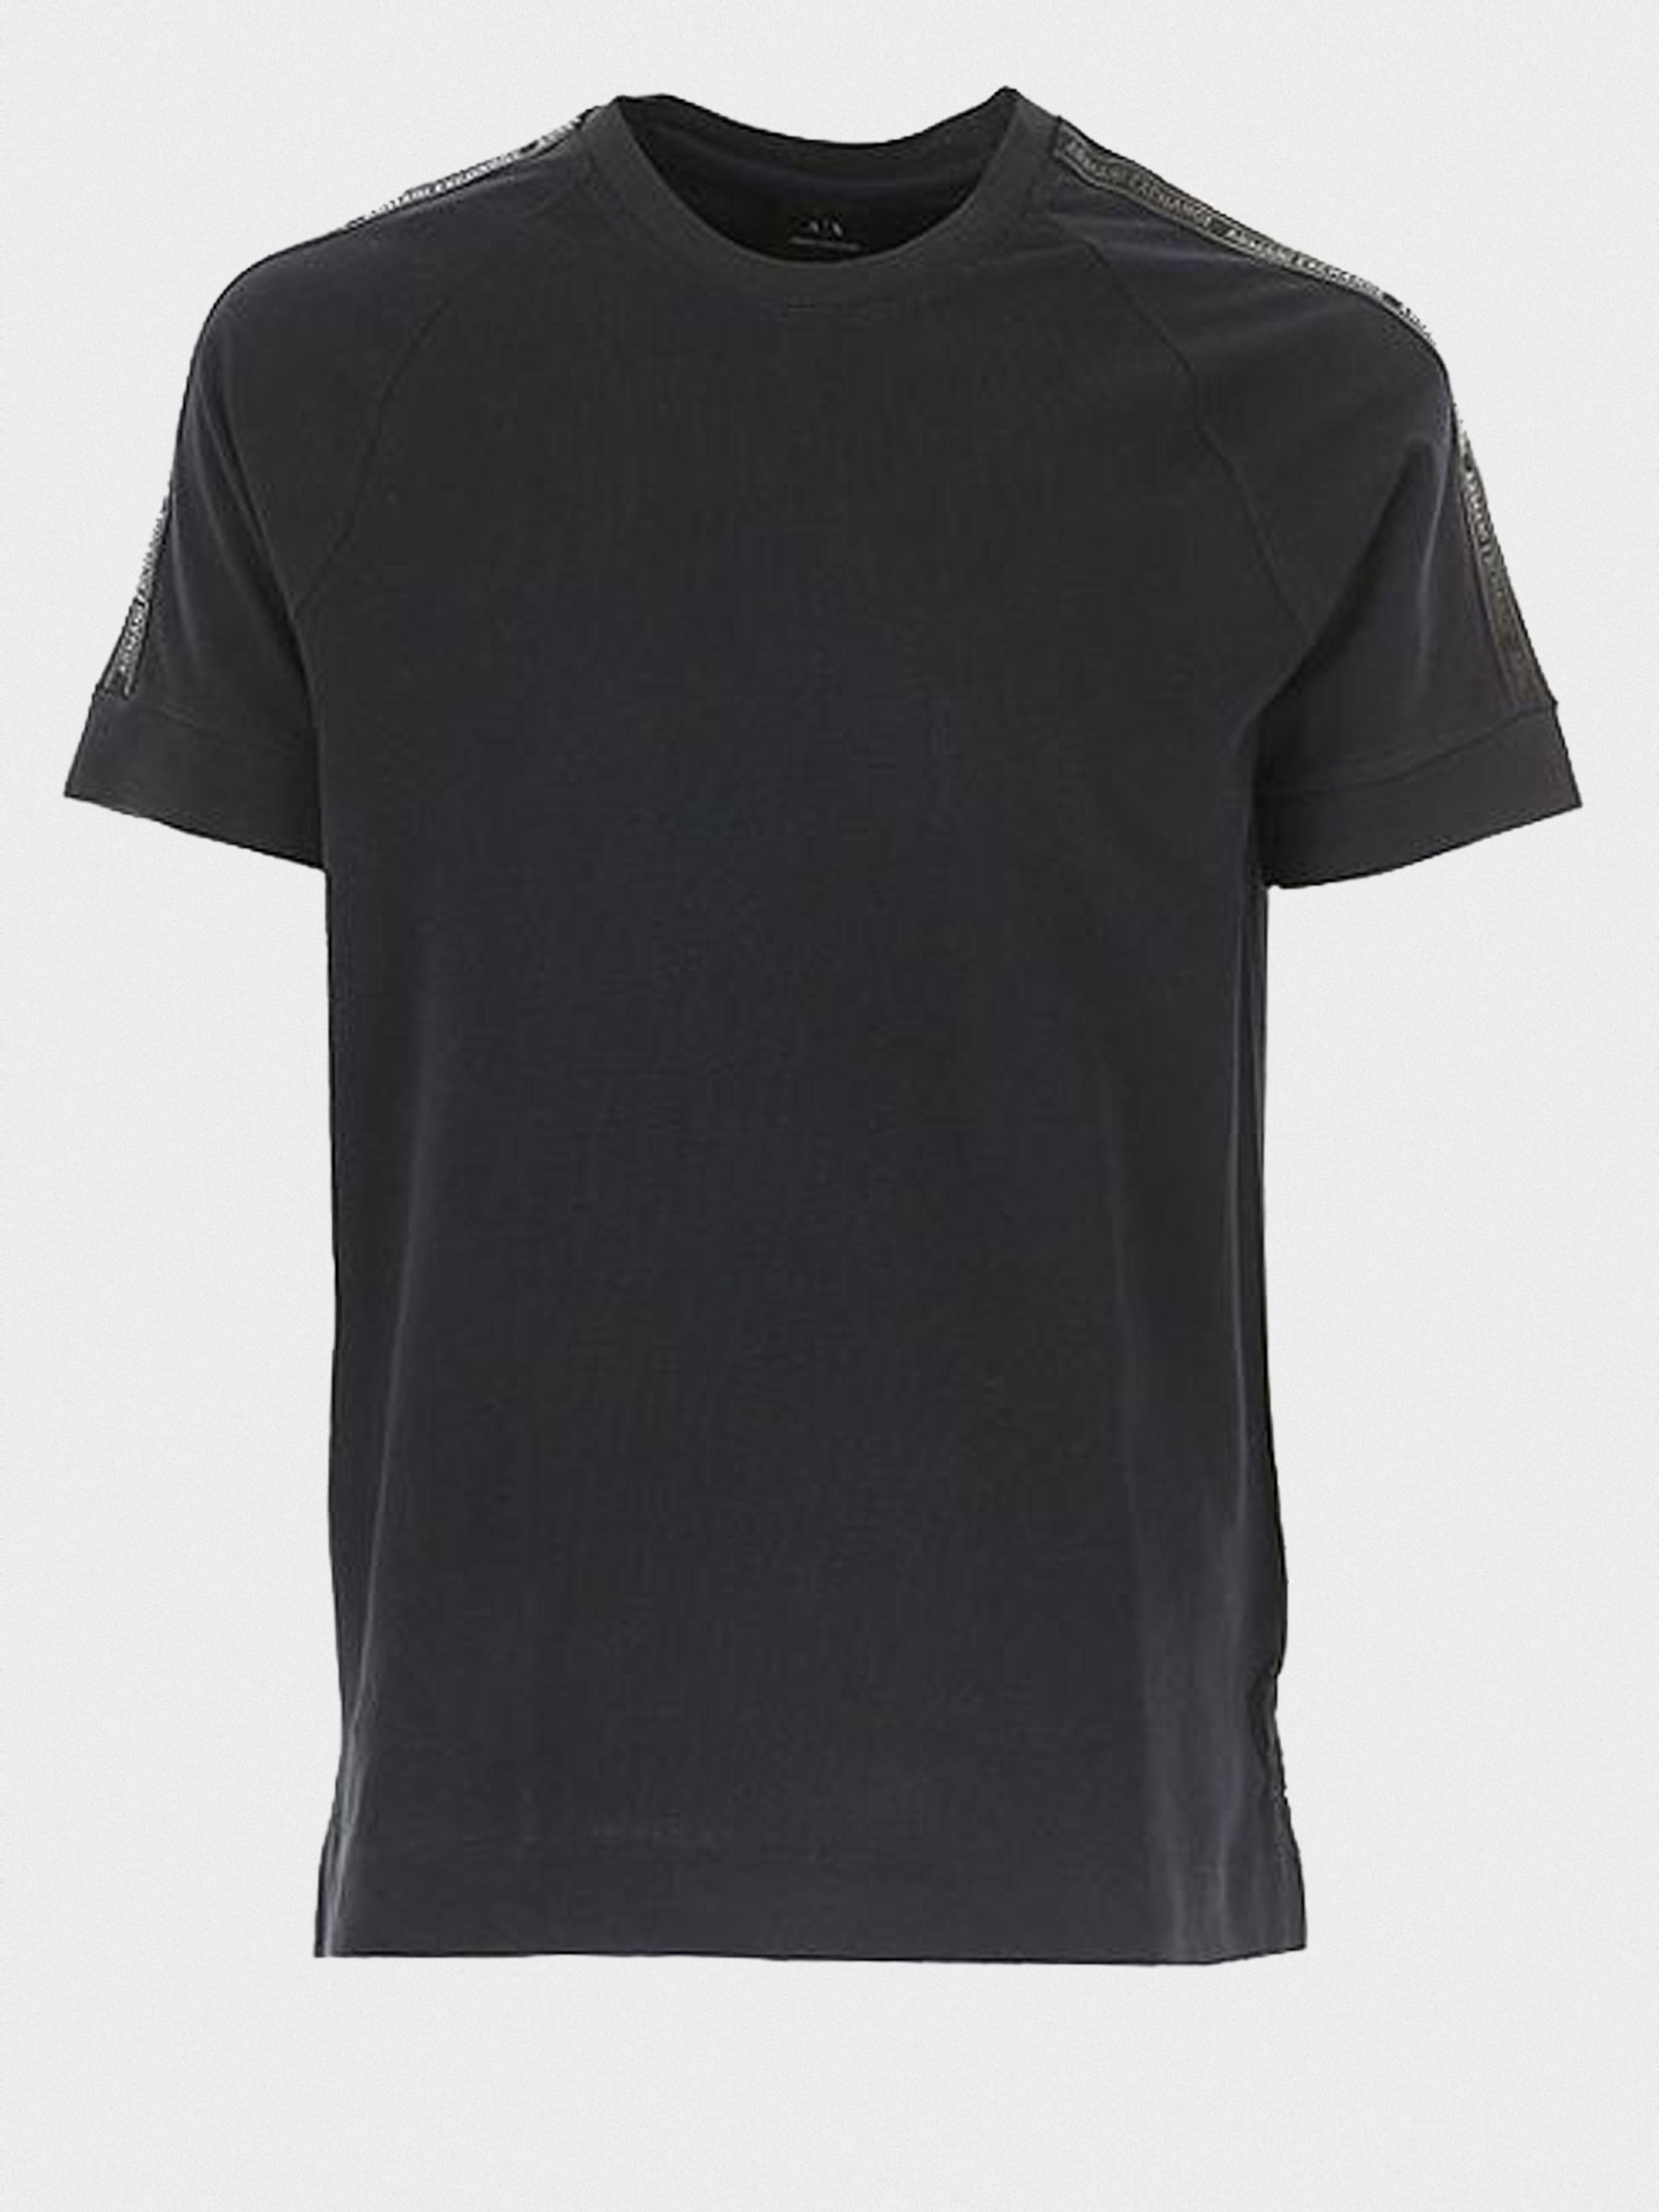 Купить Футболка мужские модель WH1851, Armani Exchange, Черный